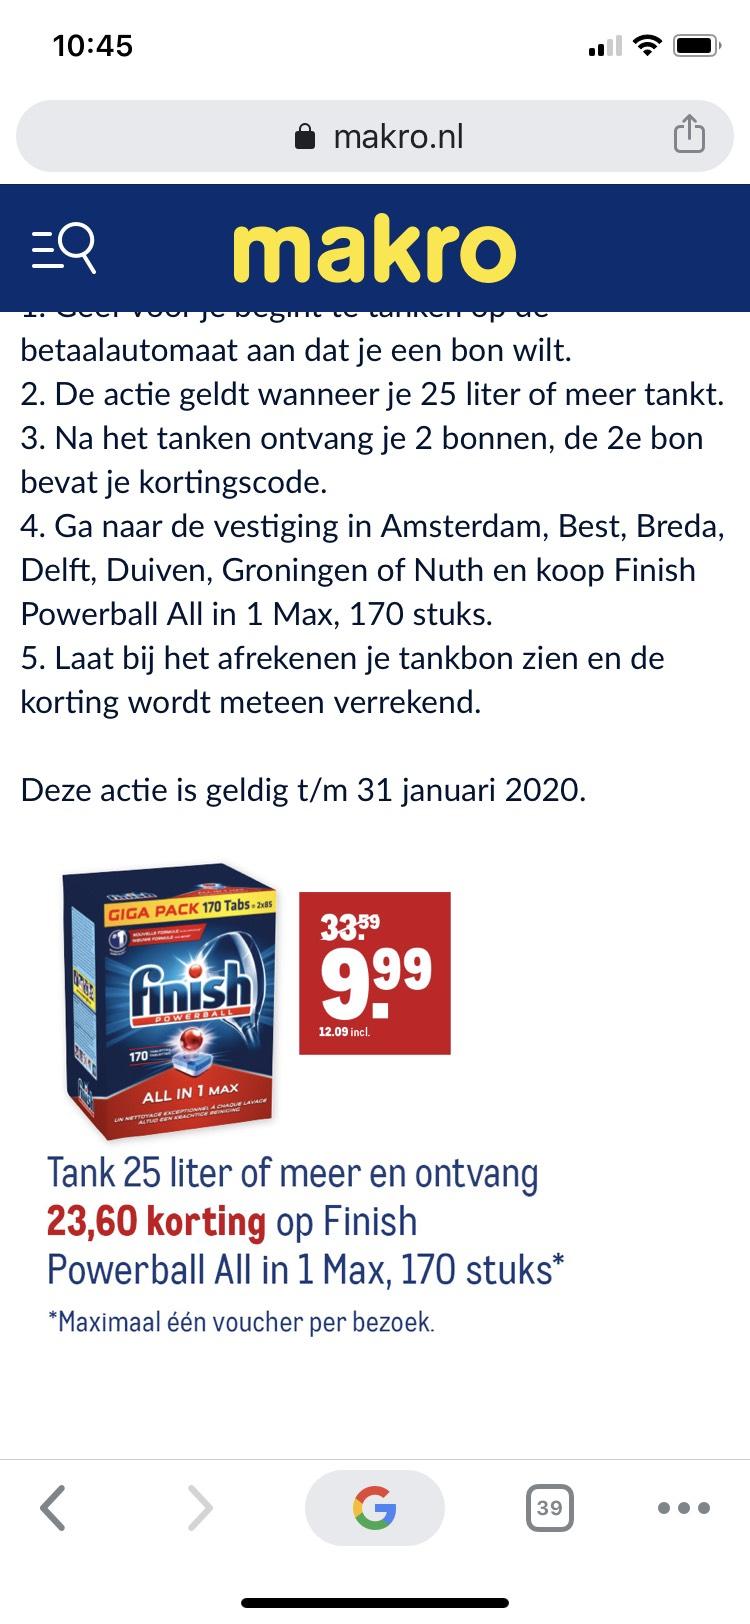 Finish All in one max 170 stuks voor €12,09 na tanken bij Makro